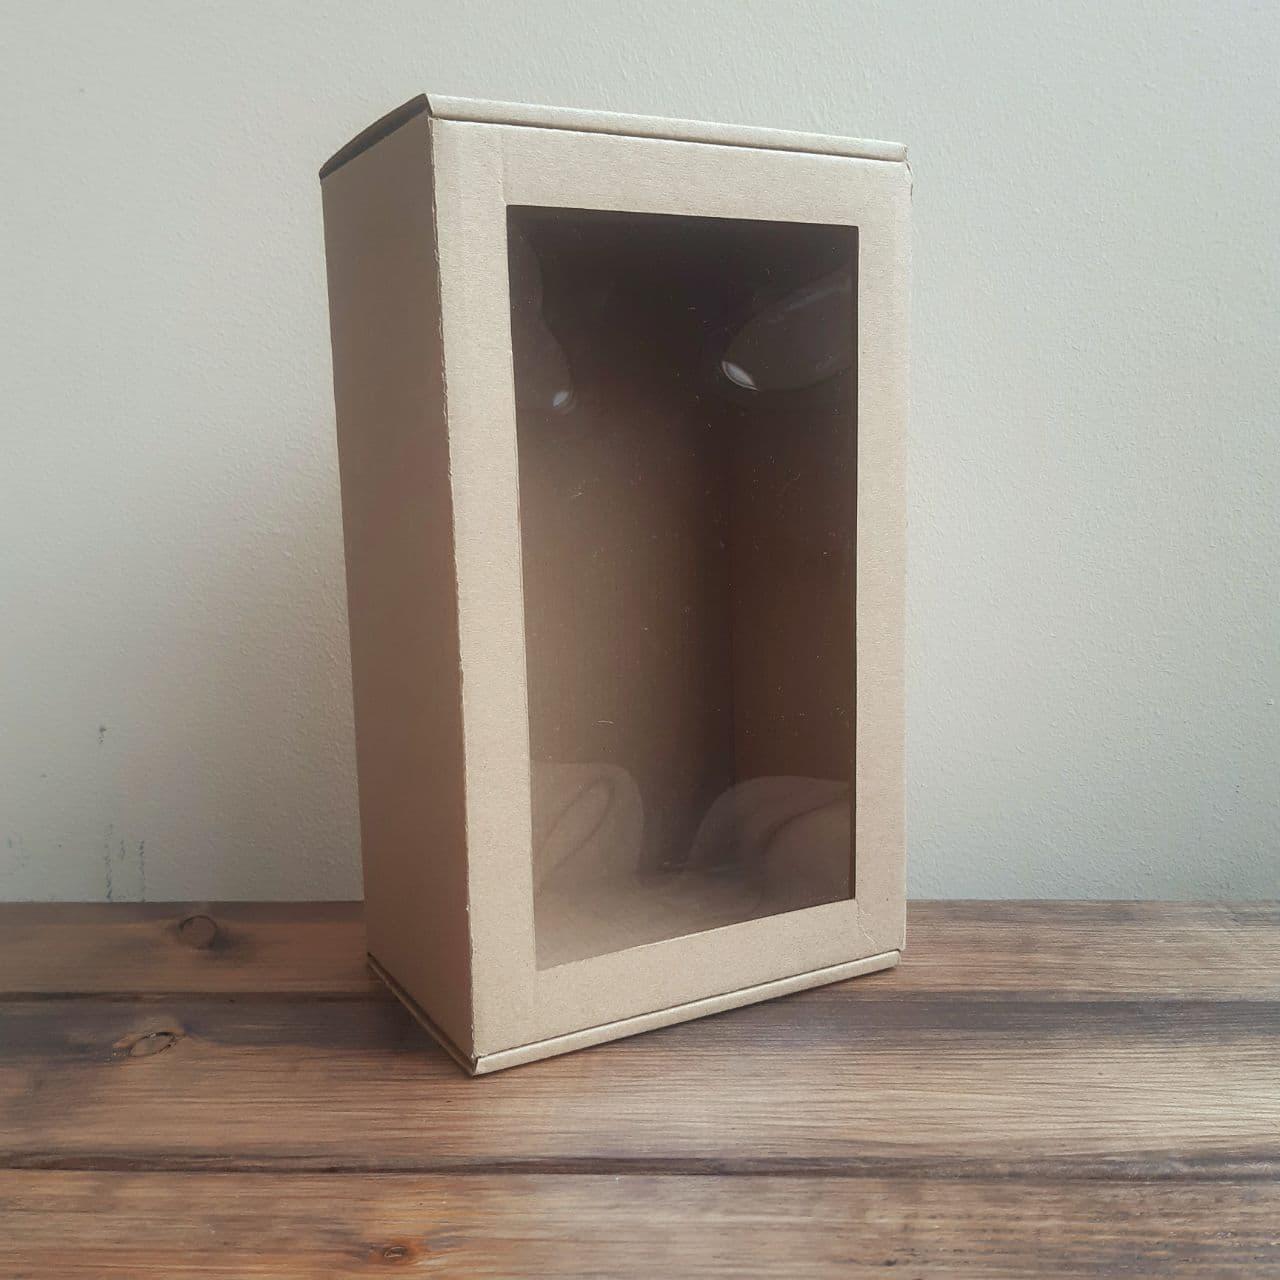 Коробка подарочная гофрокартон 250*150*100 мм прямоугольная с окном